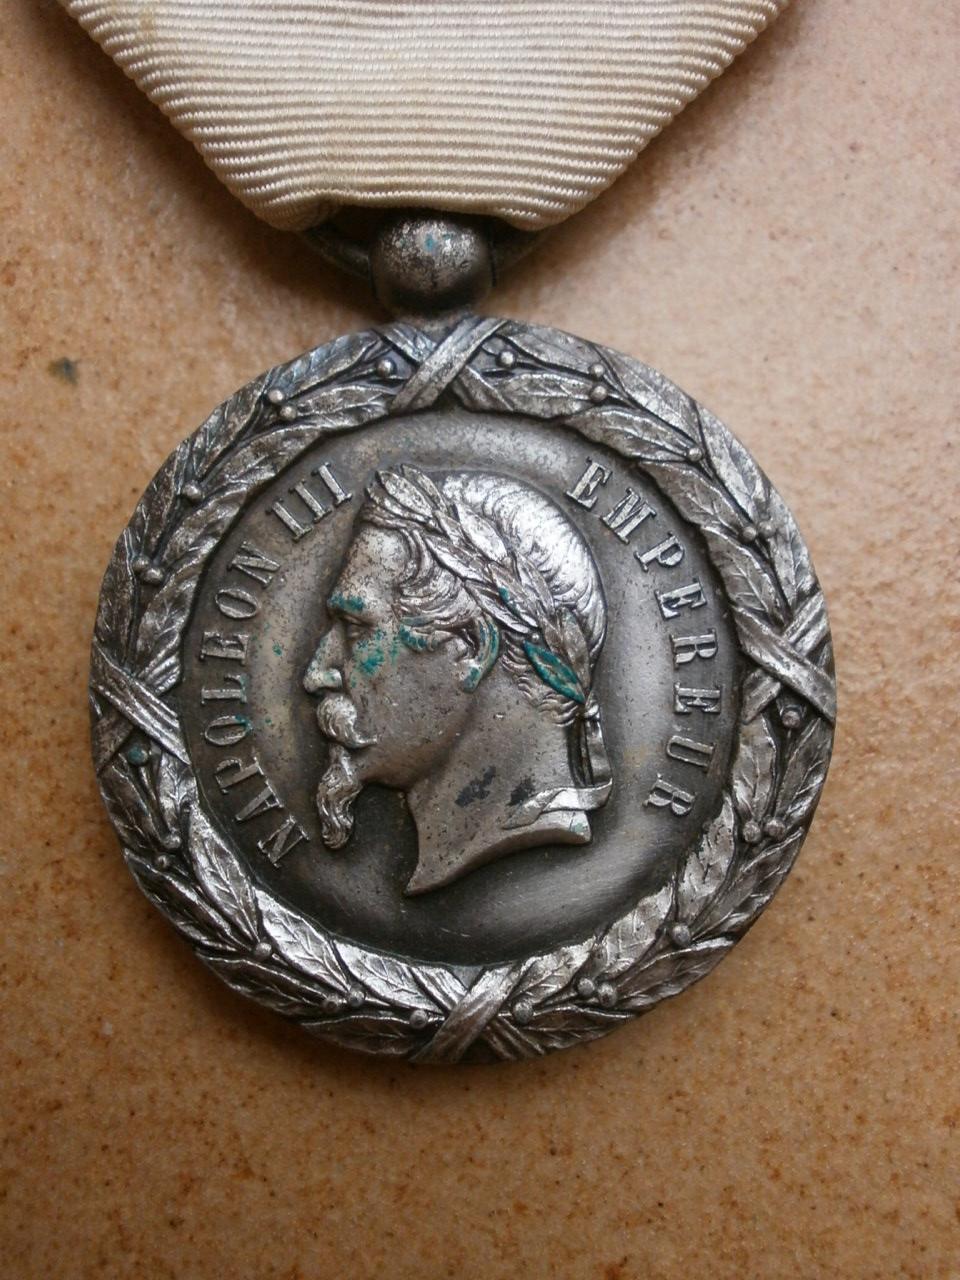 Medaille du Mexique  Camerone Medai196